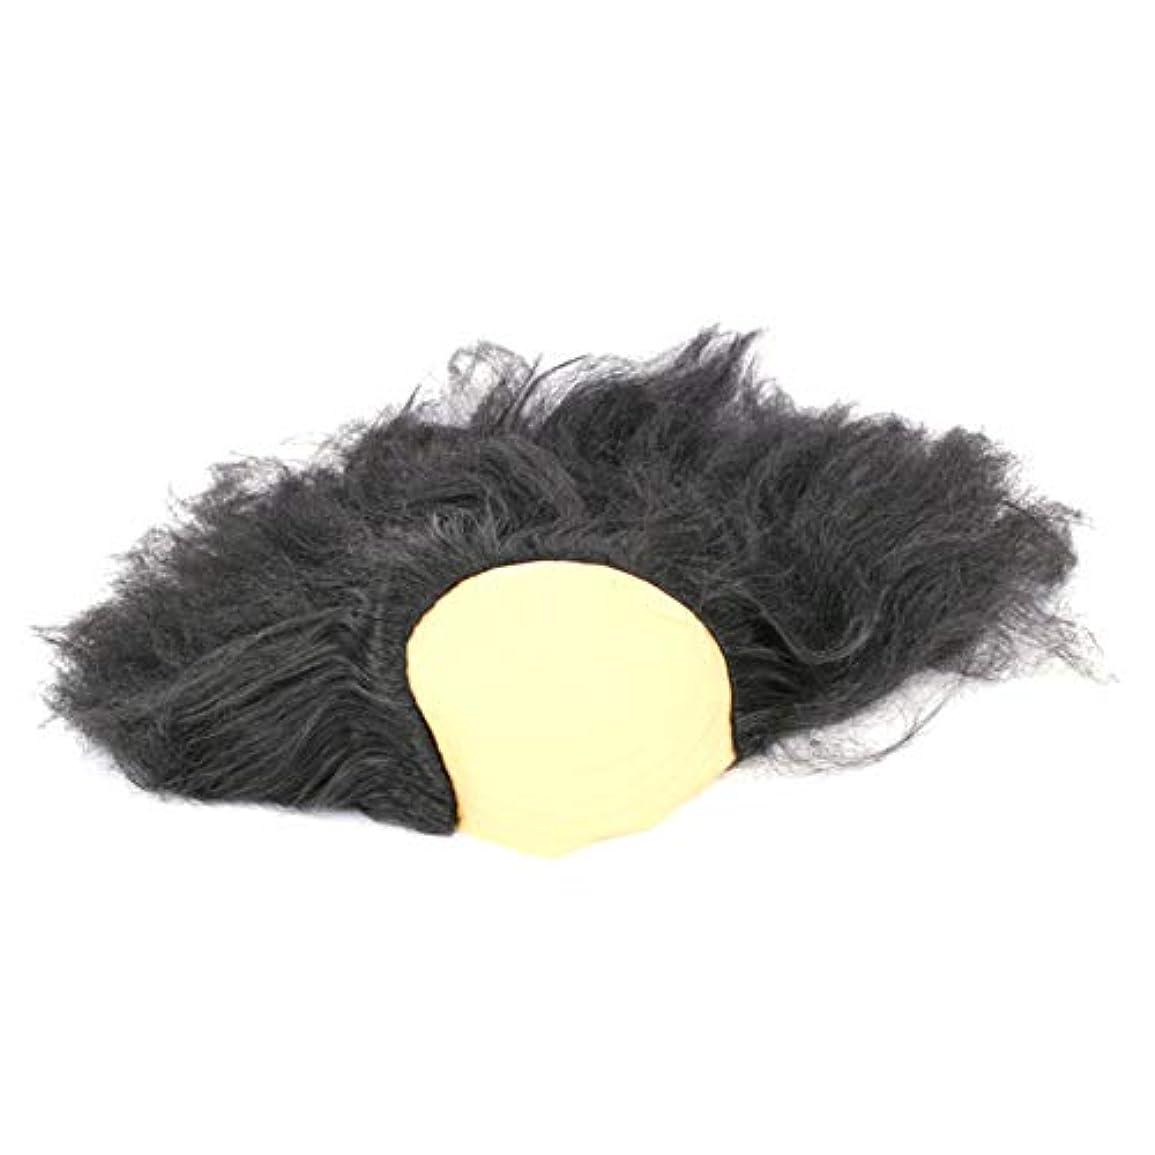 罪申し立てられた報告書安全なハロウィーンの楽しみヘッド盖??沃??肥沃な男性と女性のかつら仮装パーティー用品、古い創造ハロウィンコスチュームジュエリー1つの黒